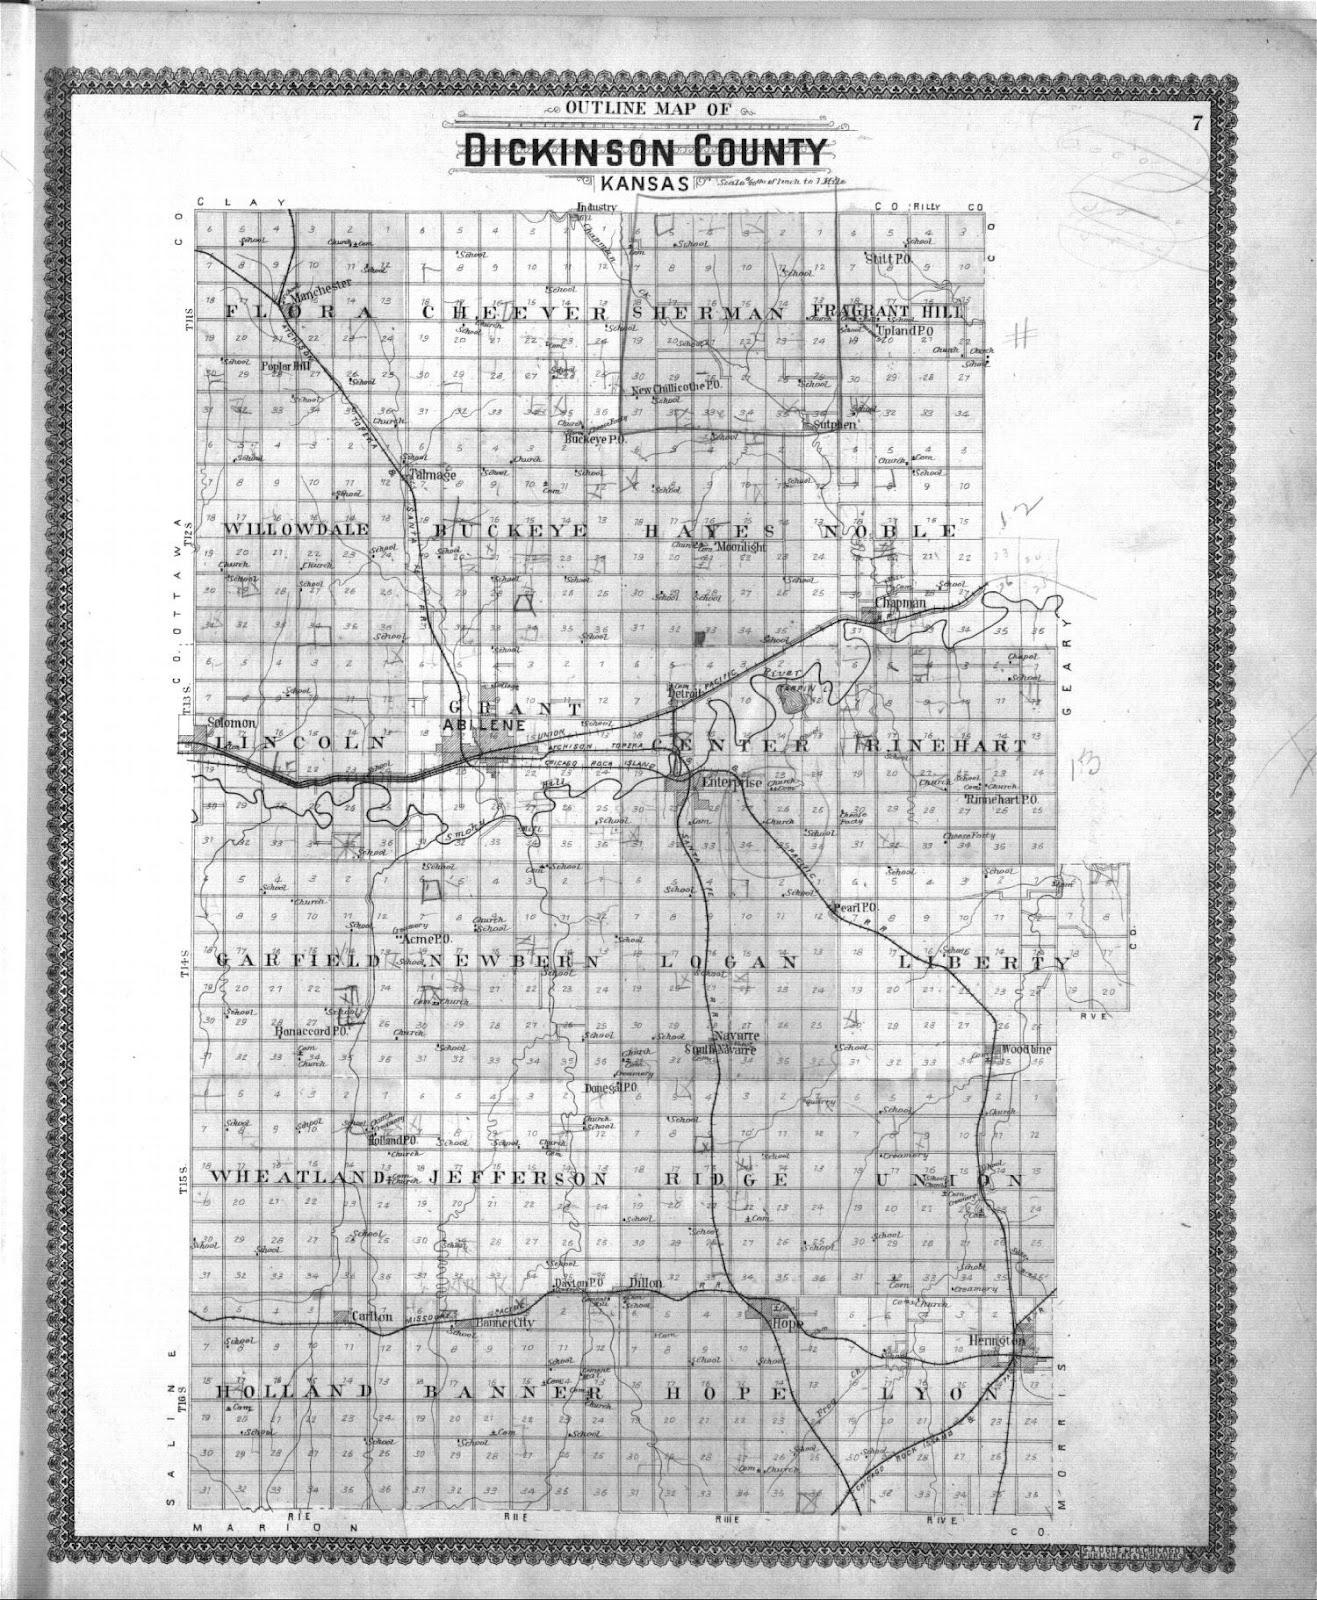 Kansas dickinson county solomon - Dickinson County